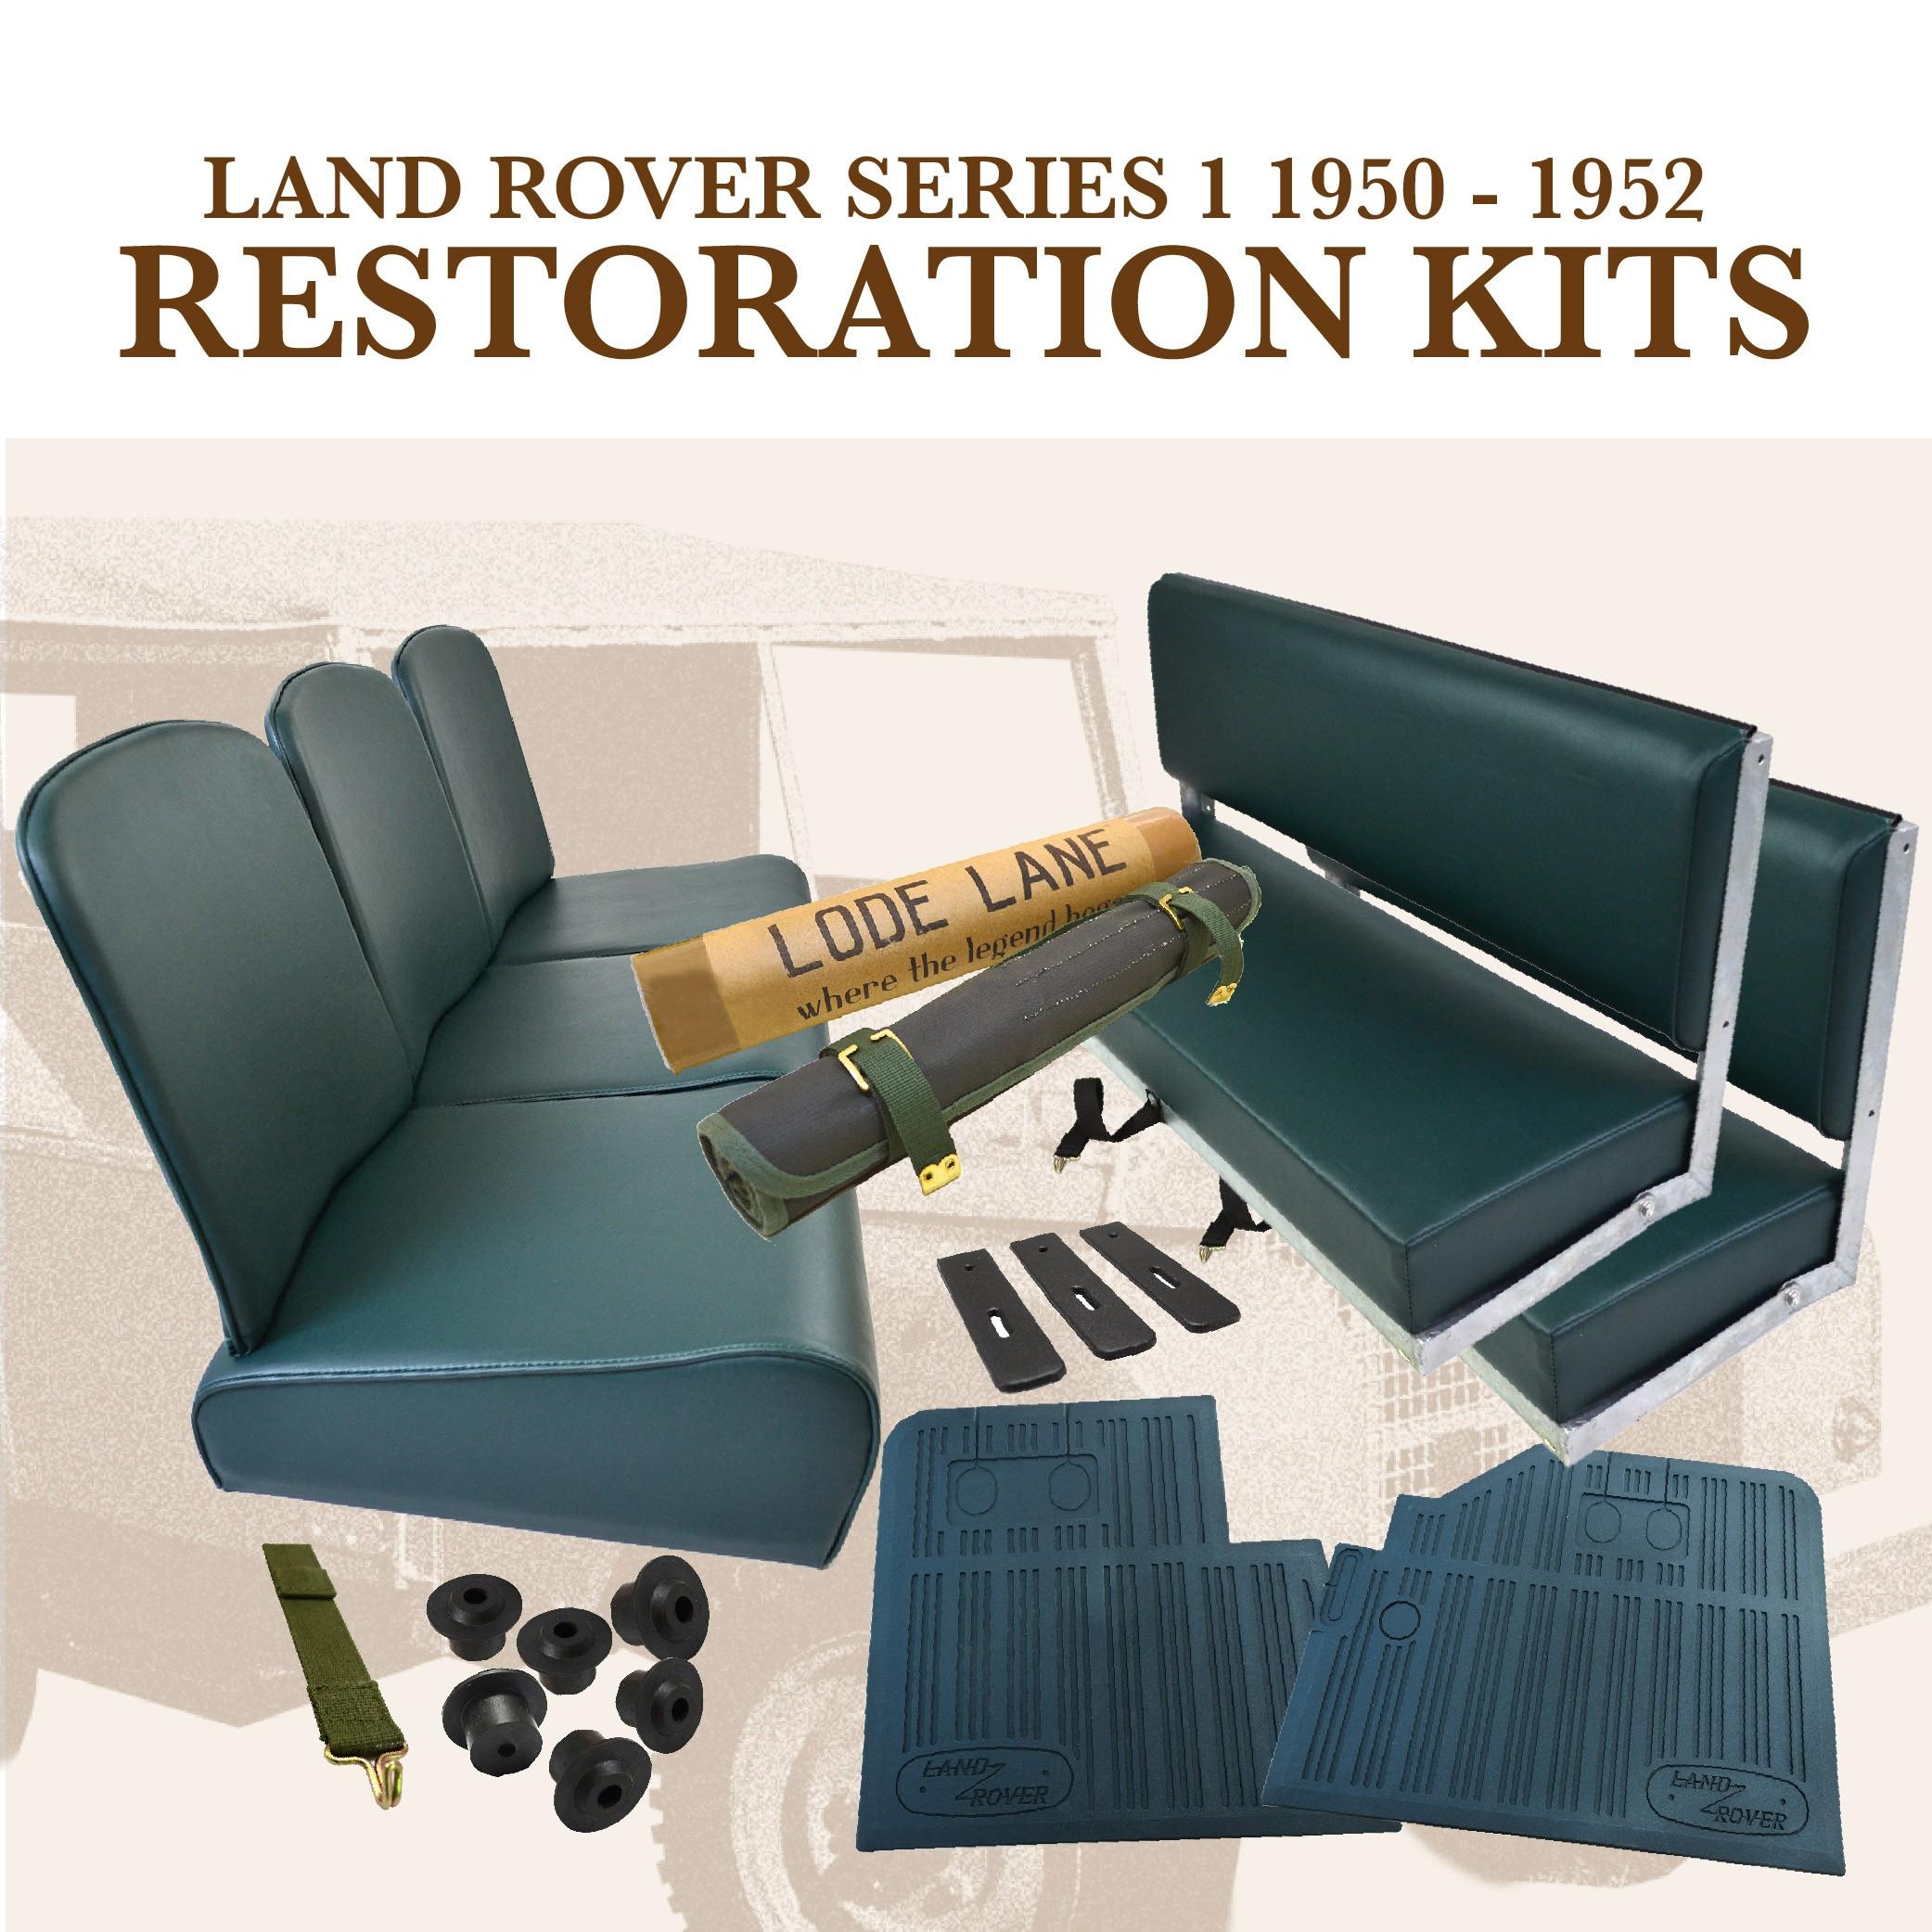 Interior restoration kits